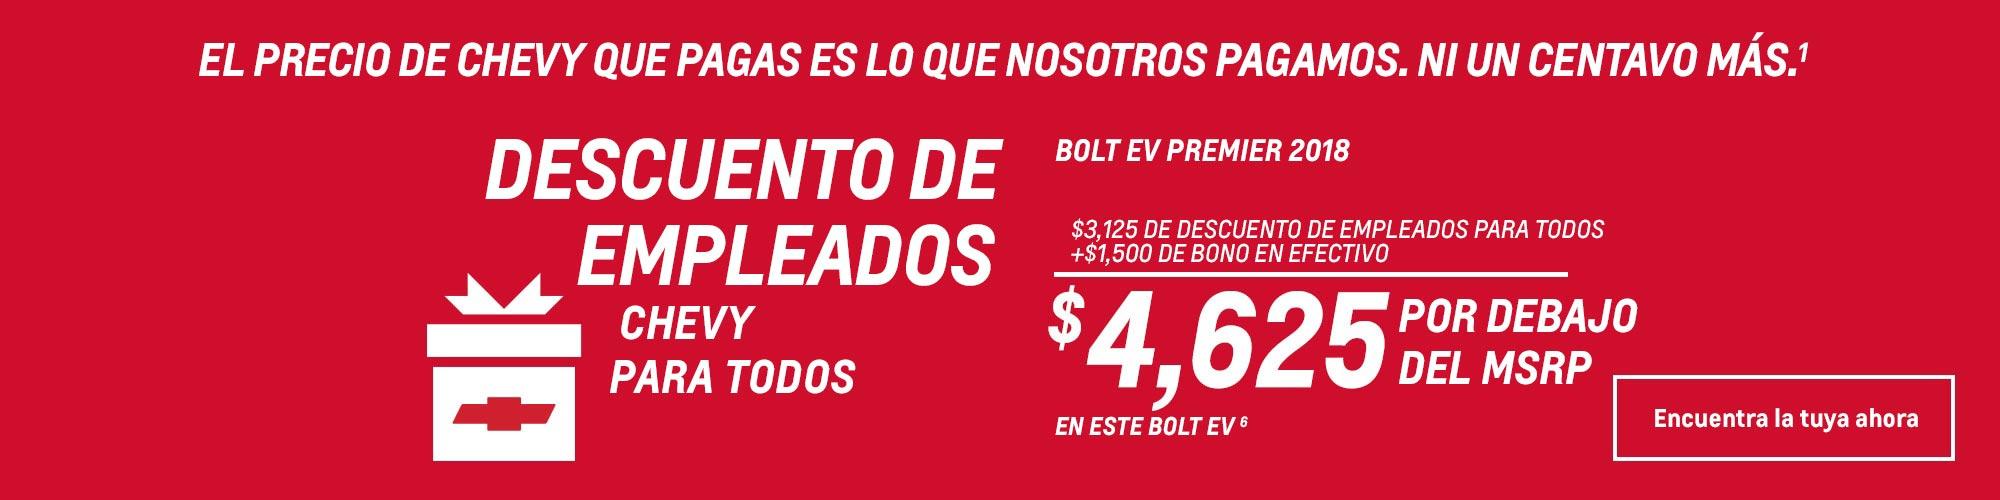 Logo de los descuentos para empleados de Chevy